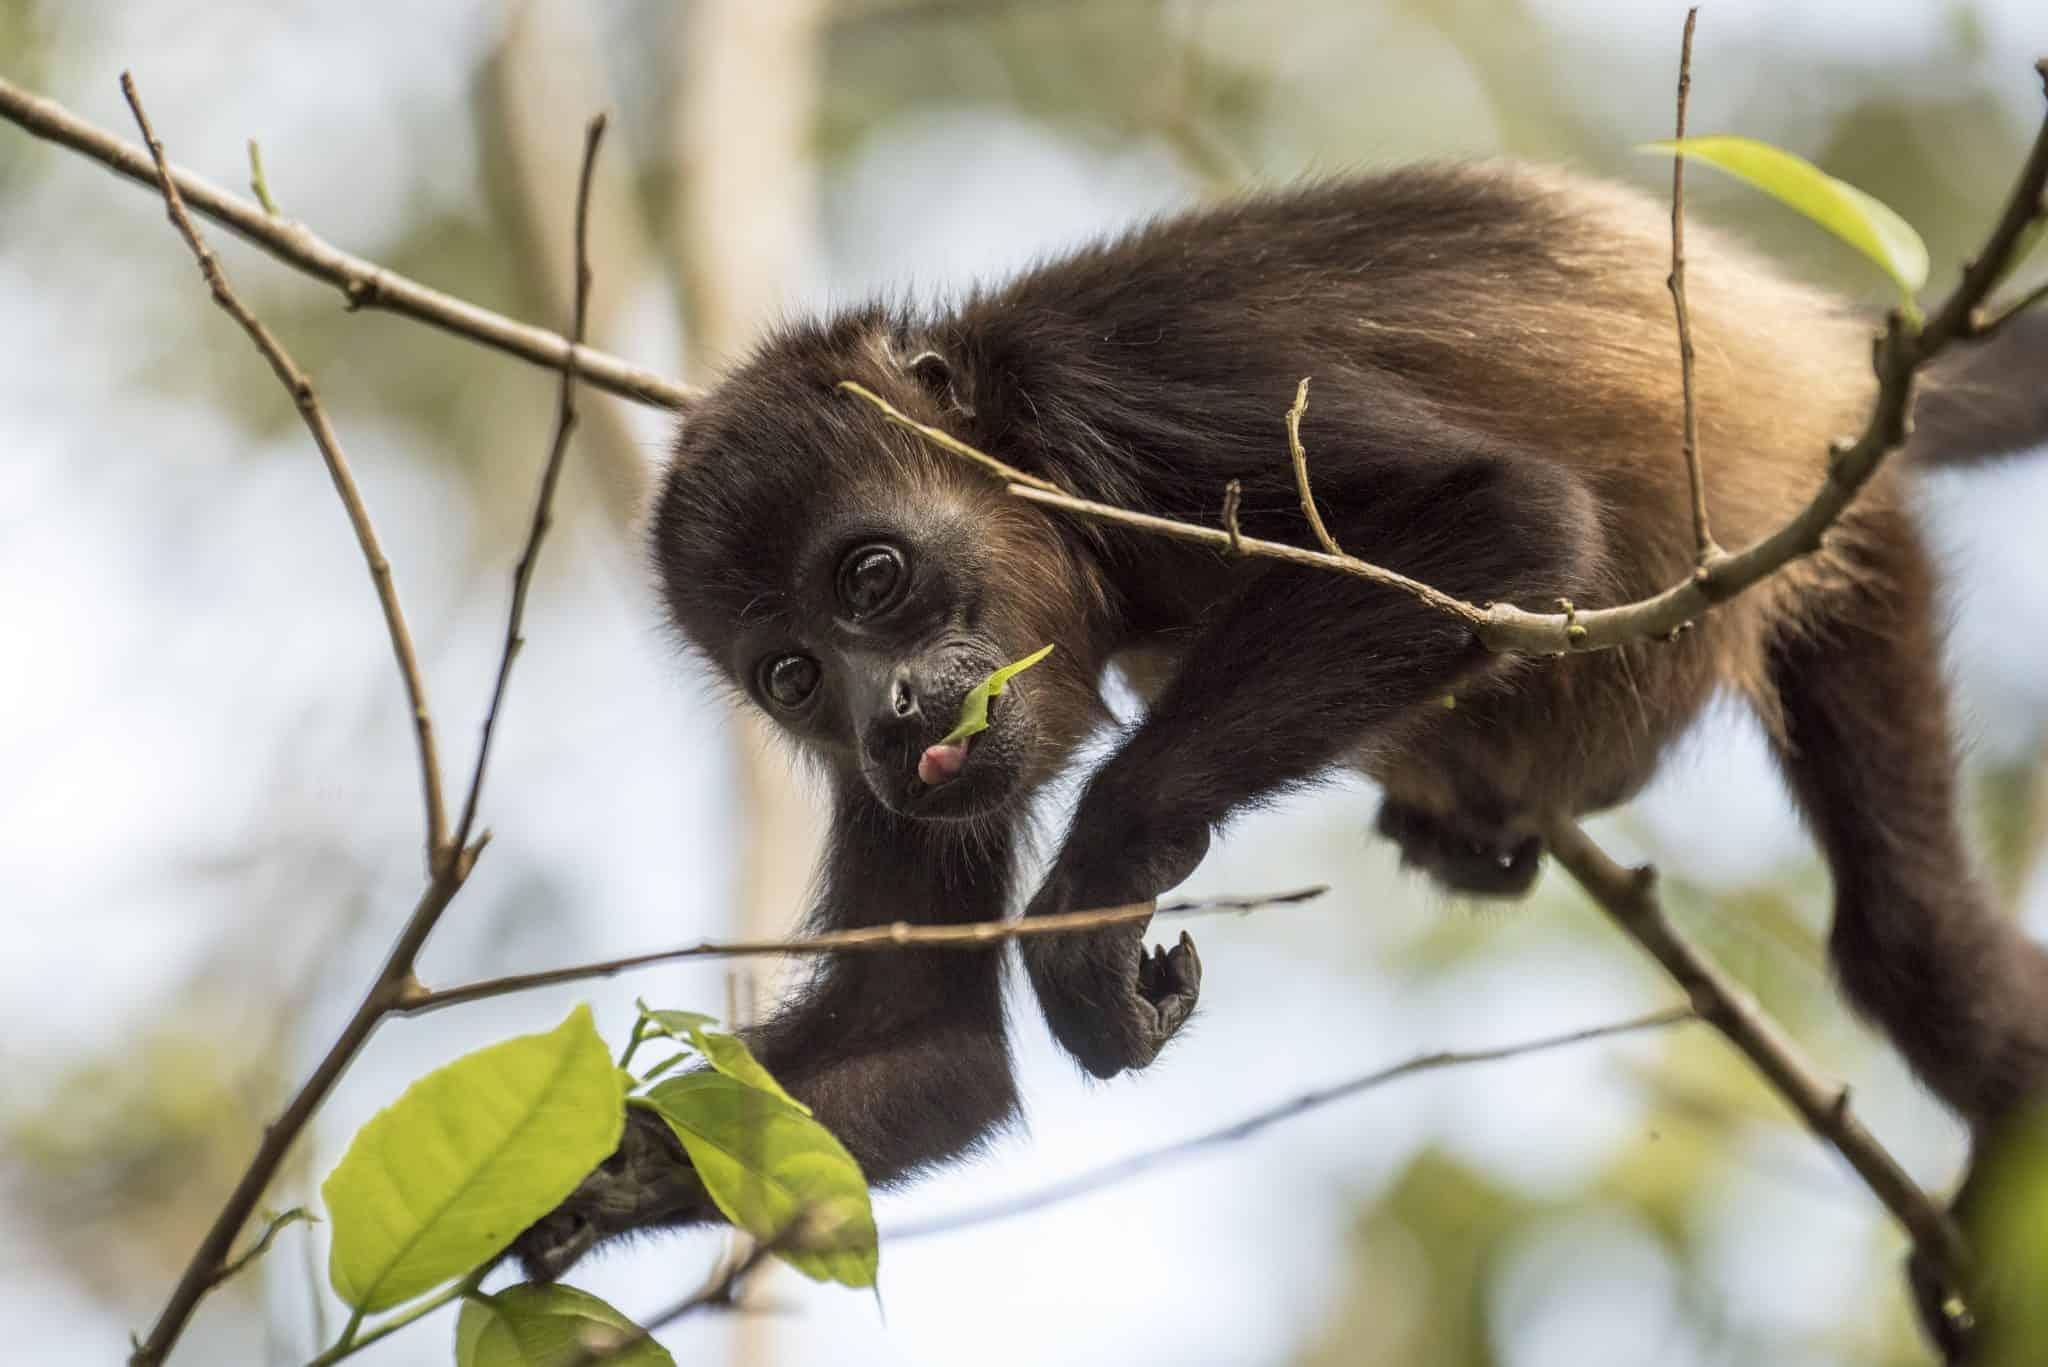 Costa Rica - Aapje snoept blaadje van de boom